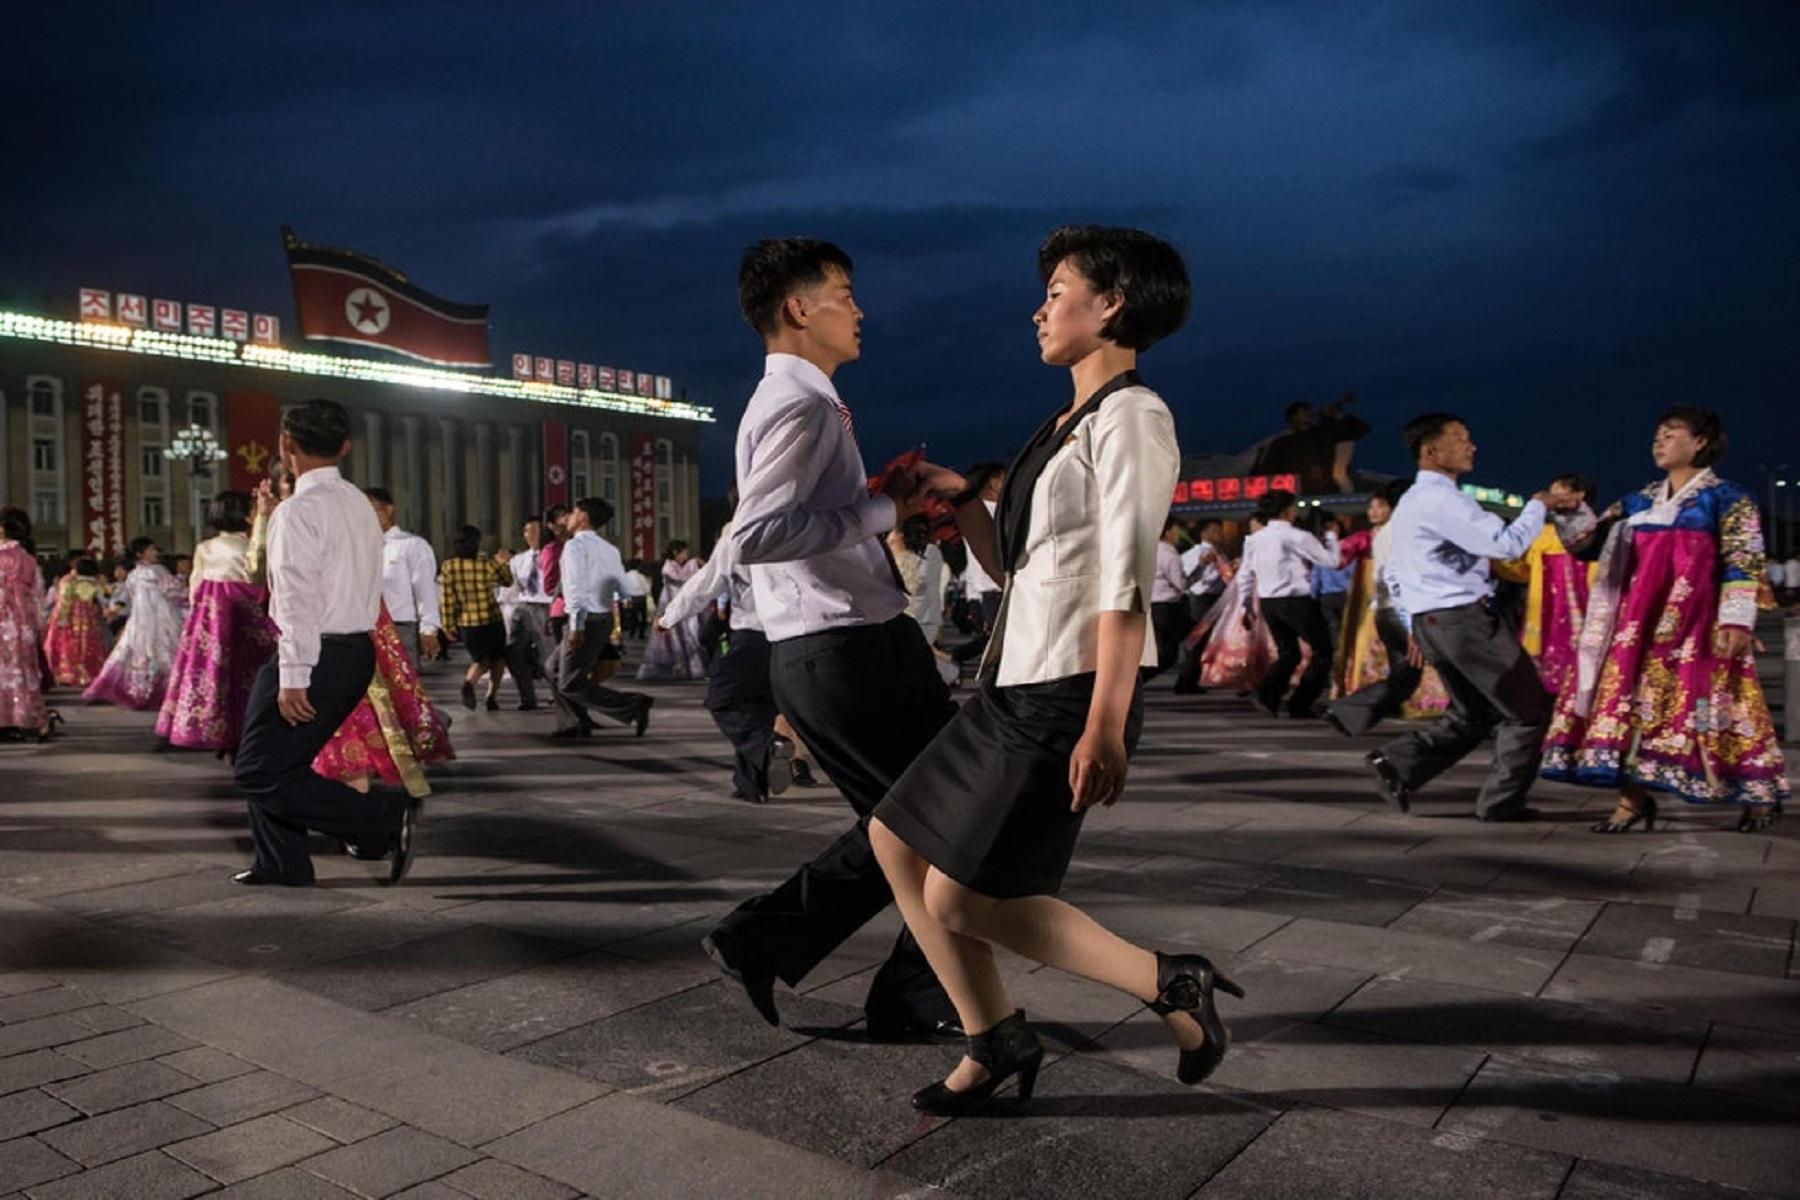 Σεξ Β. Κορέα: Πώς είναι η ερωτική ζωή των πολιτών της χώρας υπό το βλέμμα του Κιμ Γιόνγκ Ουν